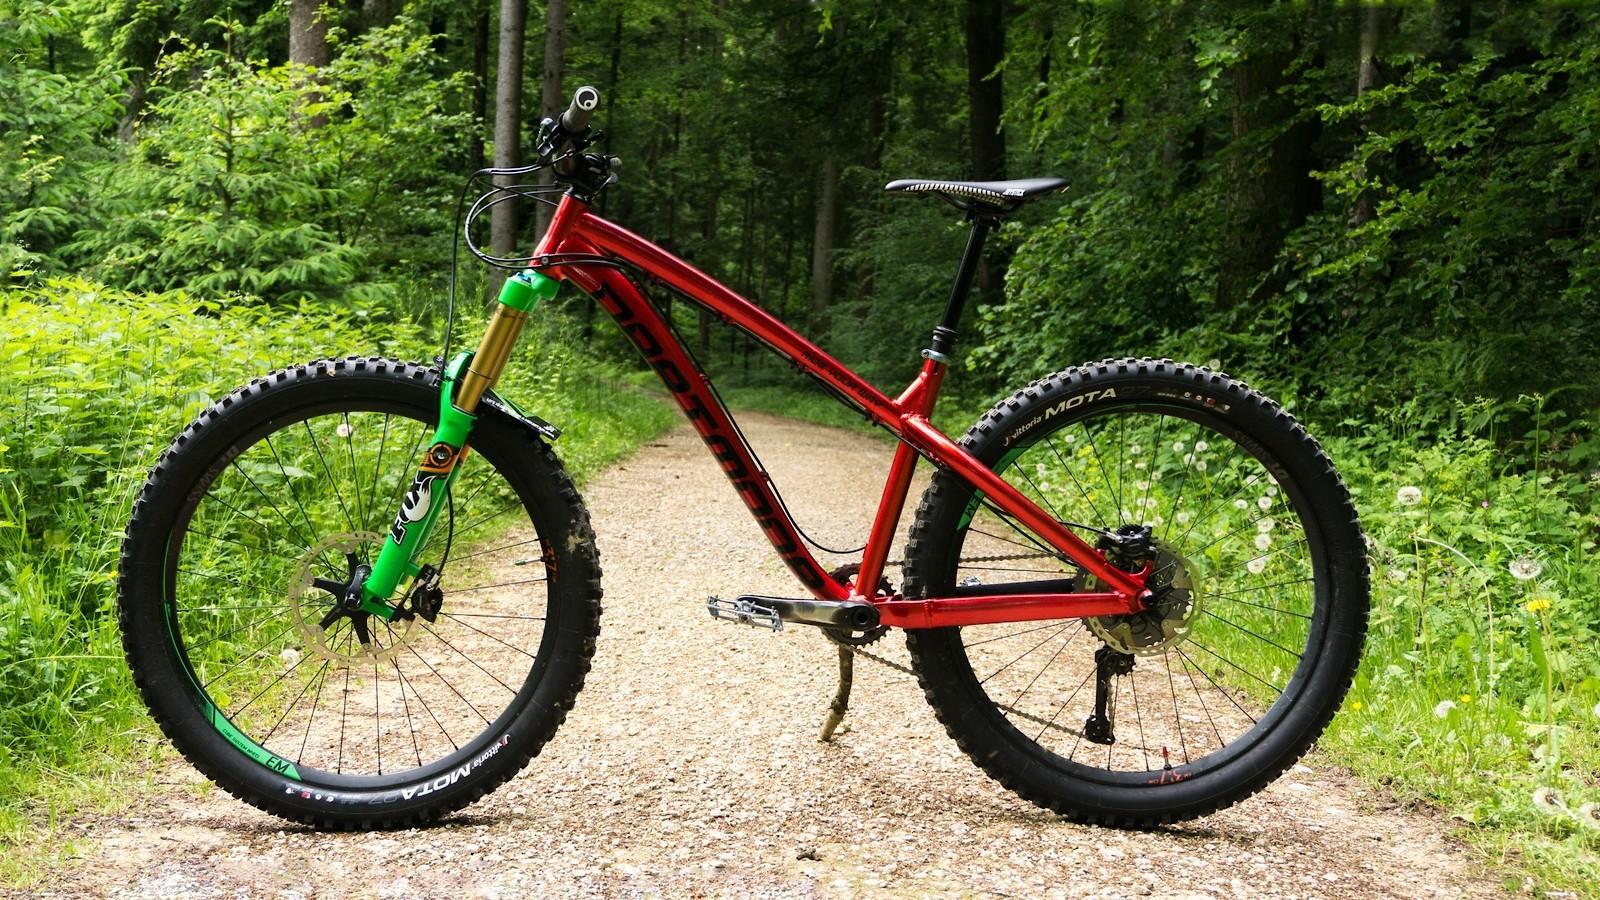 016 - allmountain.ch - Mountain Biking Pictures - Vital MTB